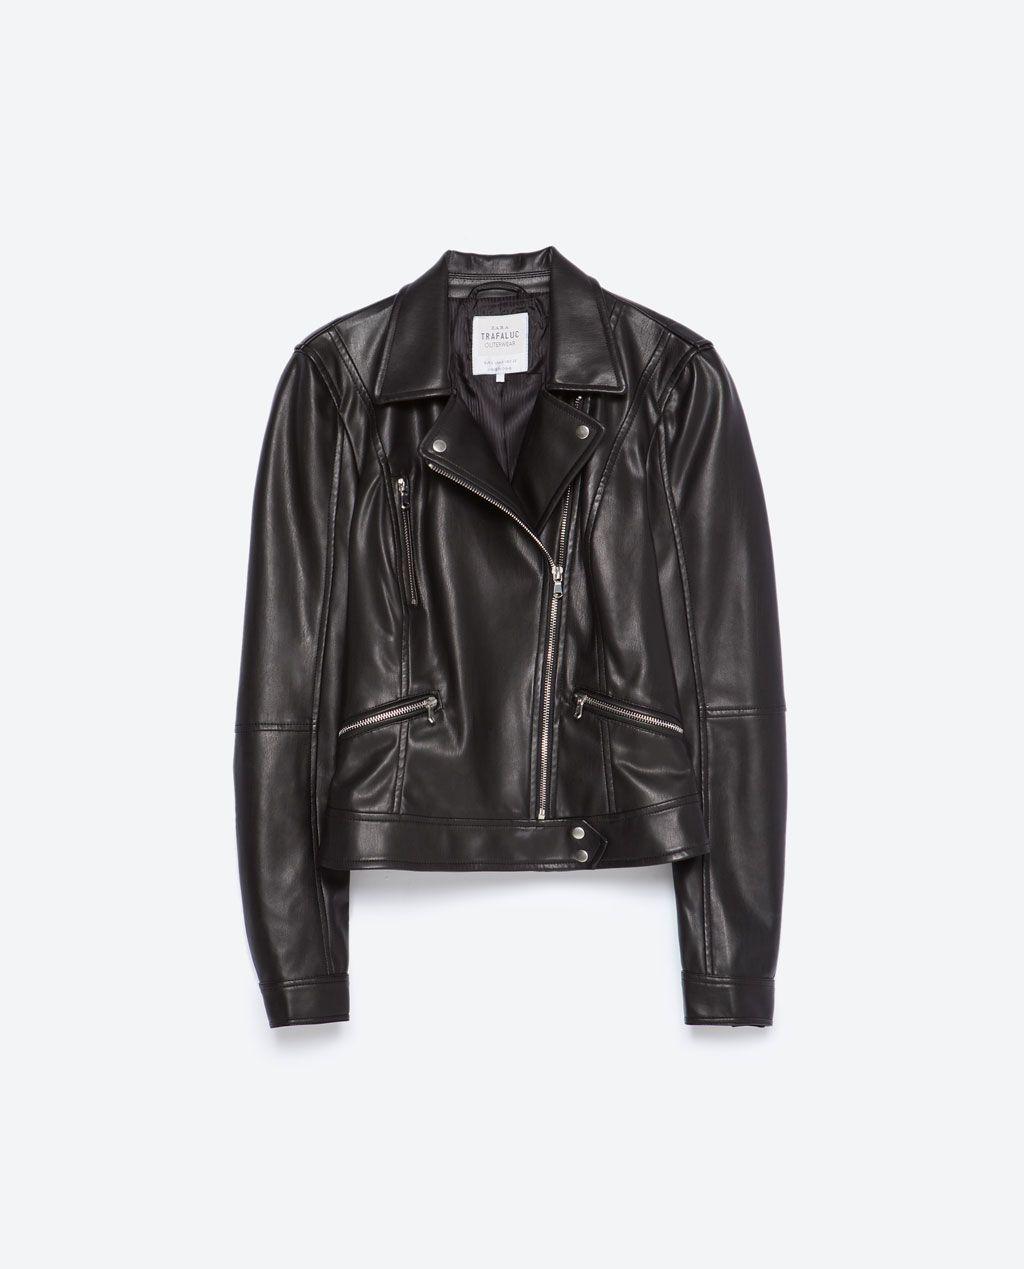 blouson de style motard vestes 20 femme zara france. Black Bedroom Furniture Sets. Home Design Ideas